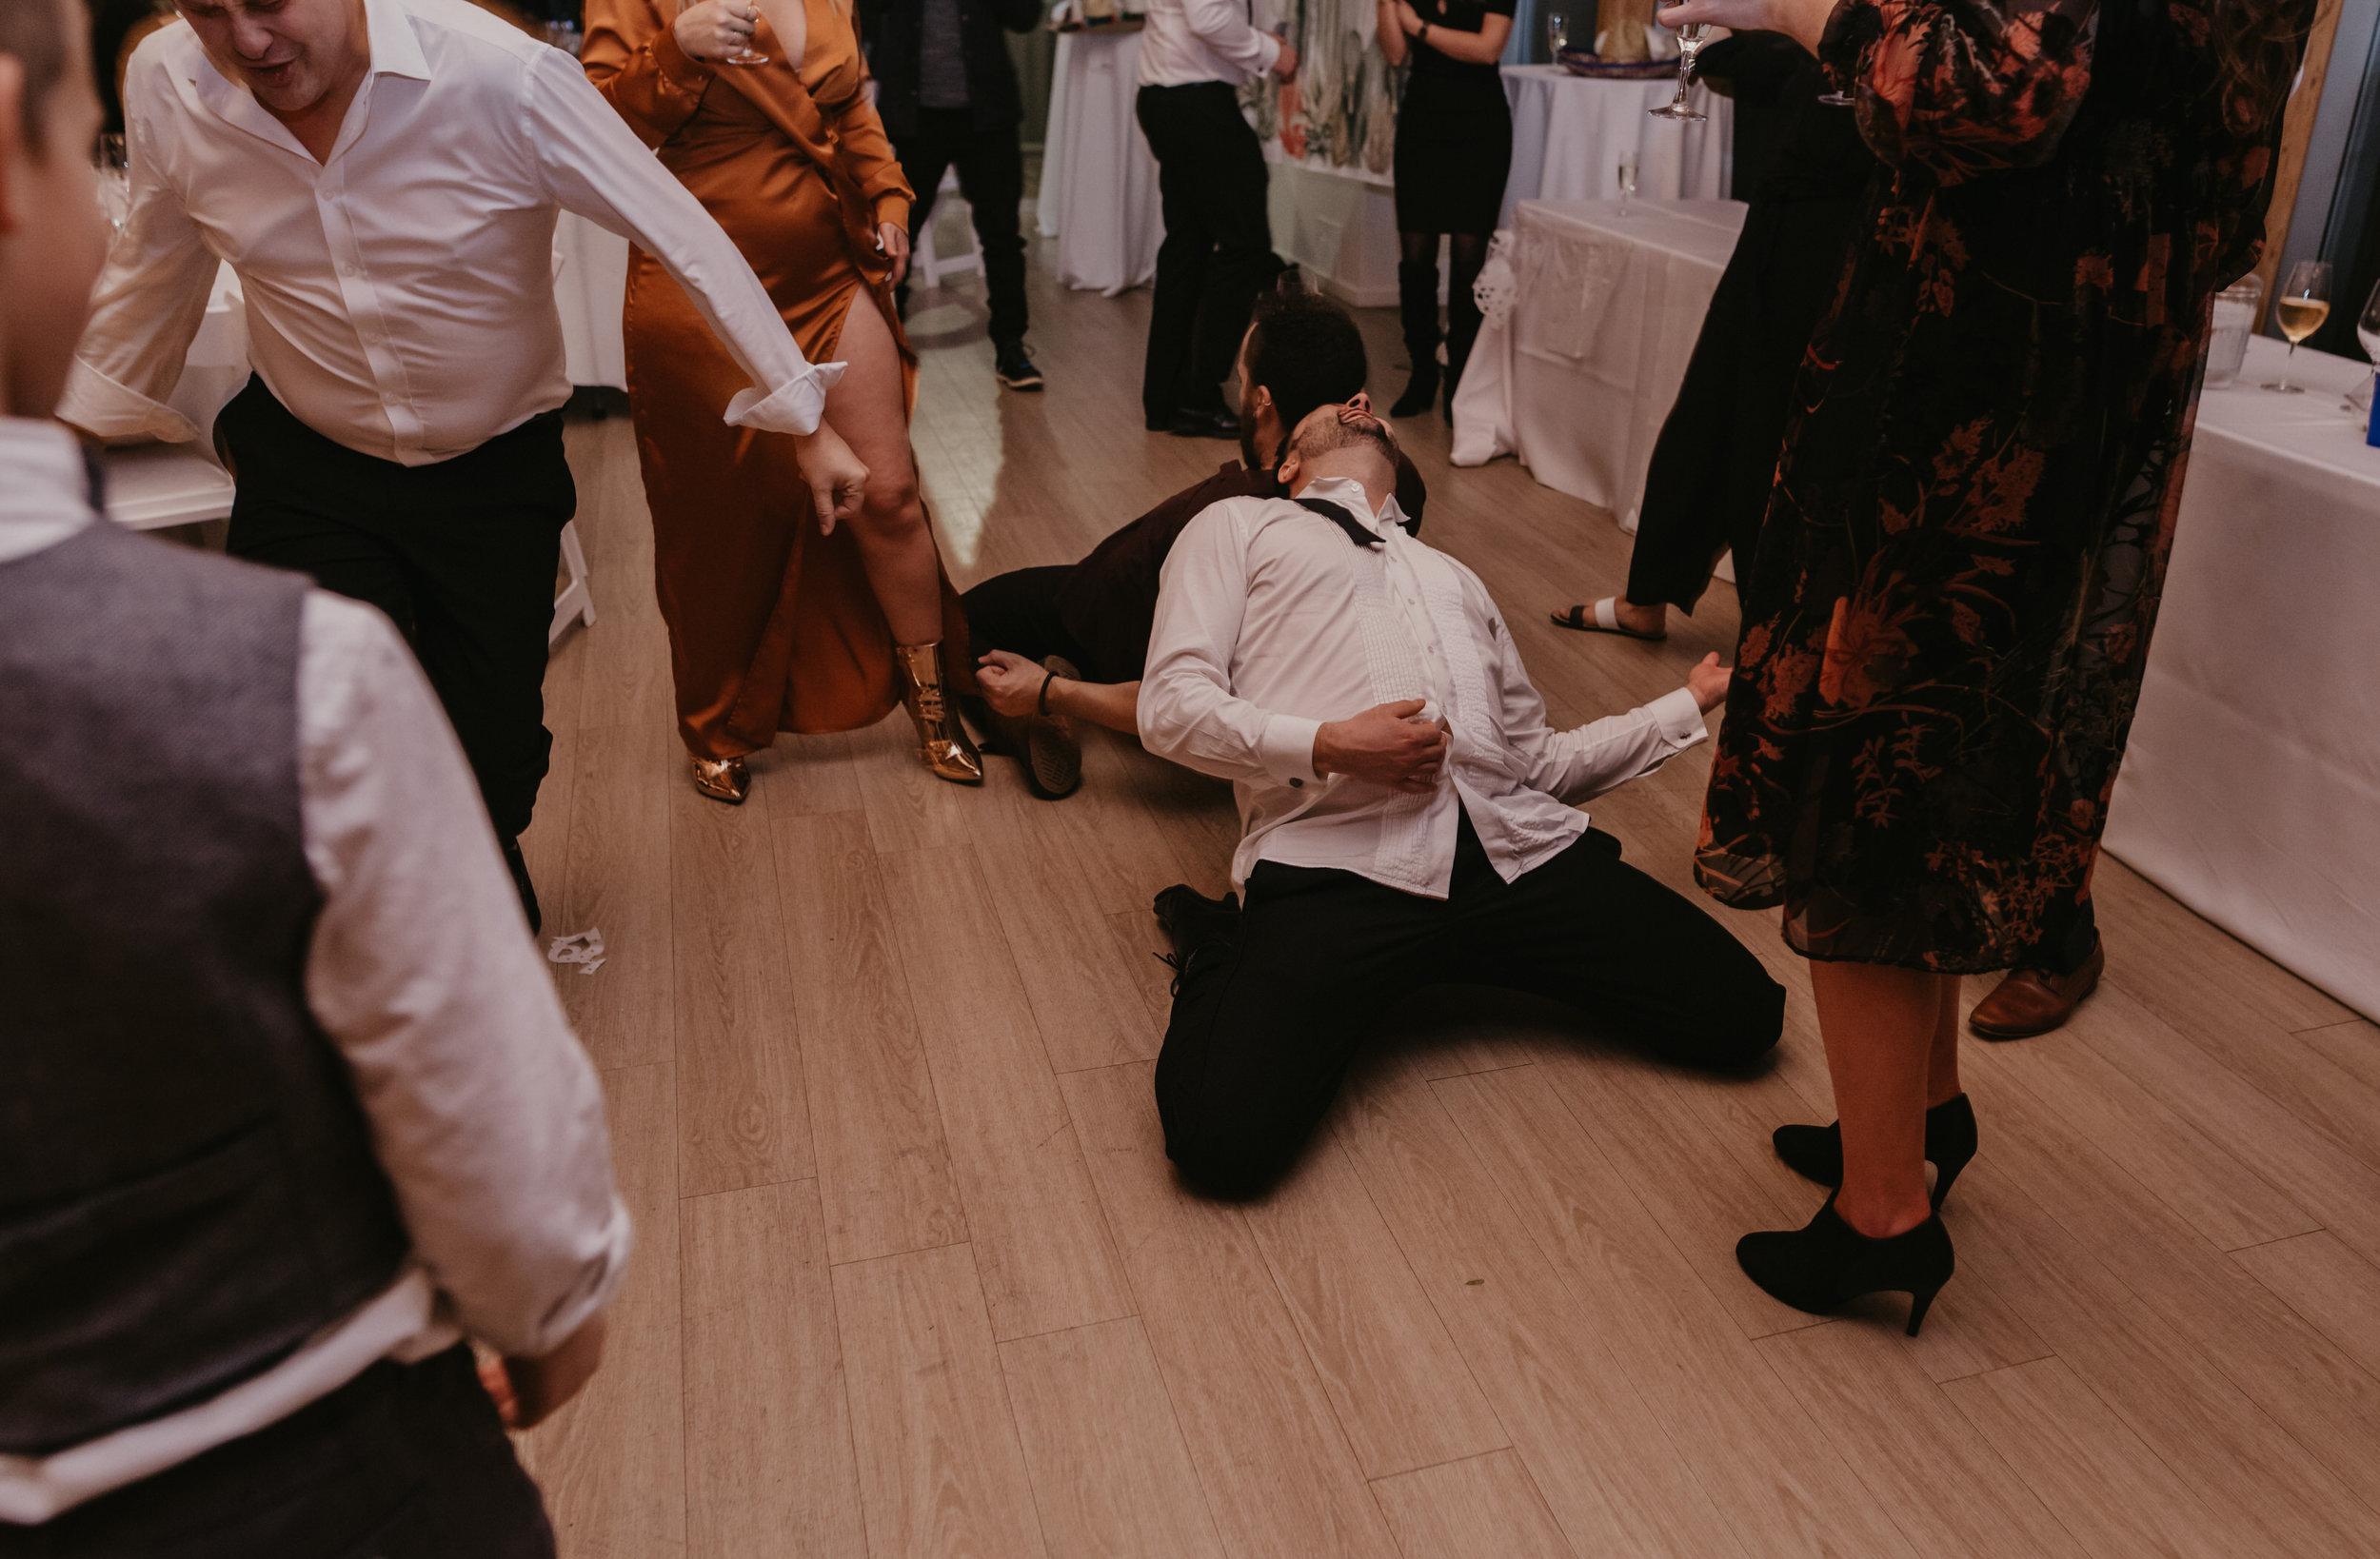 Vancouver New Years Eve Wedding - UBC Boathouse Wedding - Kitsilano Wedding Photos - Vancouver Wedding Photographer - Vancouver Wedding Videographer - 887.JPG